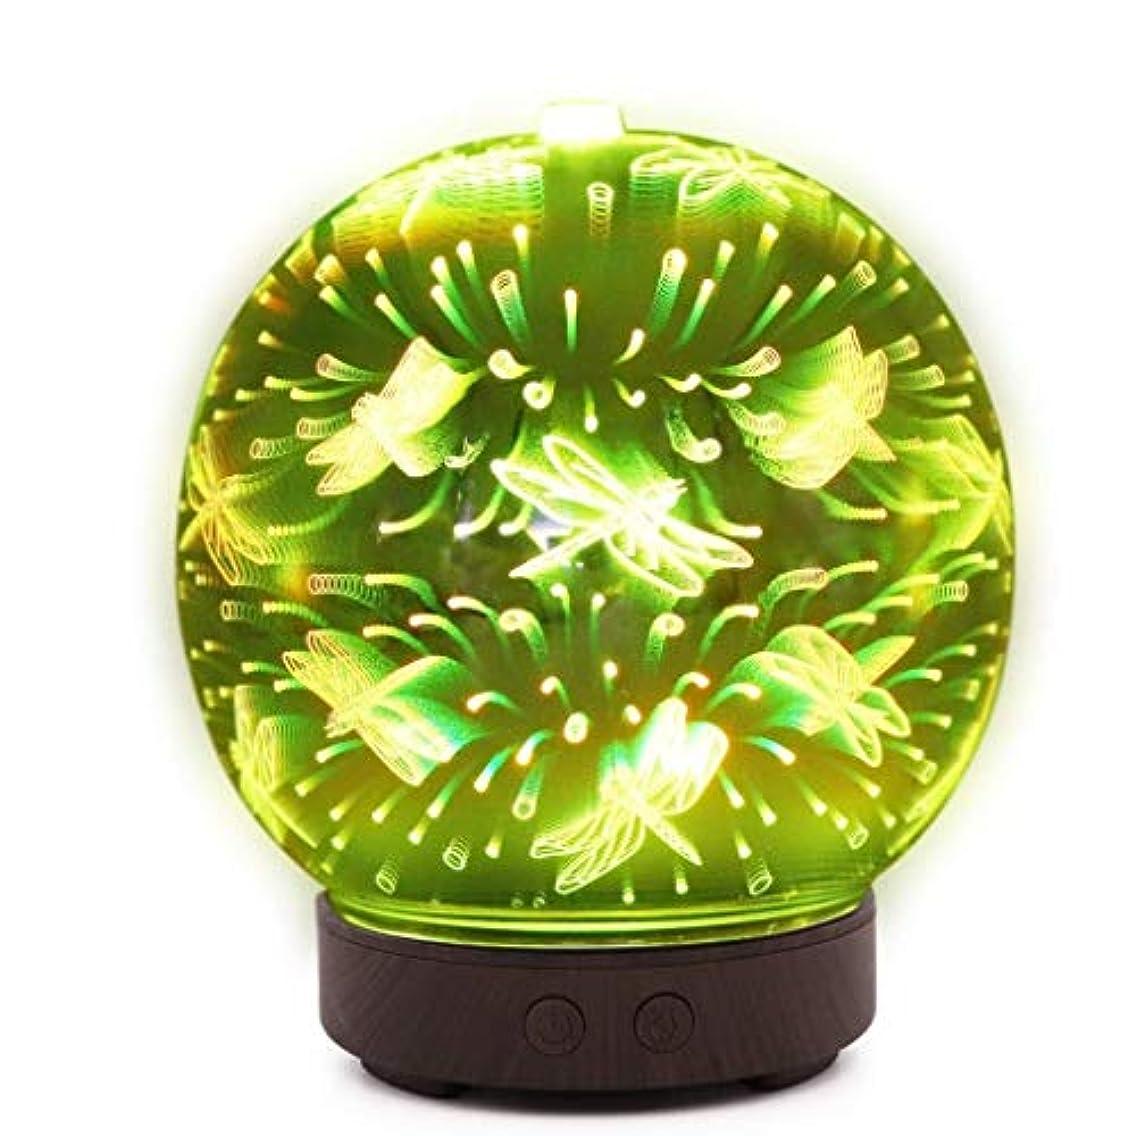 習熟度落胆させるゆり自動シャットオフ機能付き100mlミストディフューザー、7色LEDライト&大型水タンク - ホームヨガの寝室のための3D効果ナイトライトアロマ加湿器 (Color : Dragonfly Pattern)